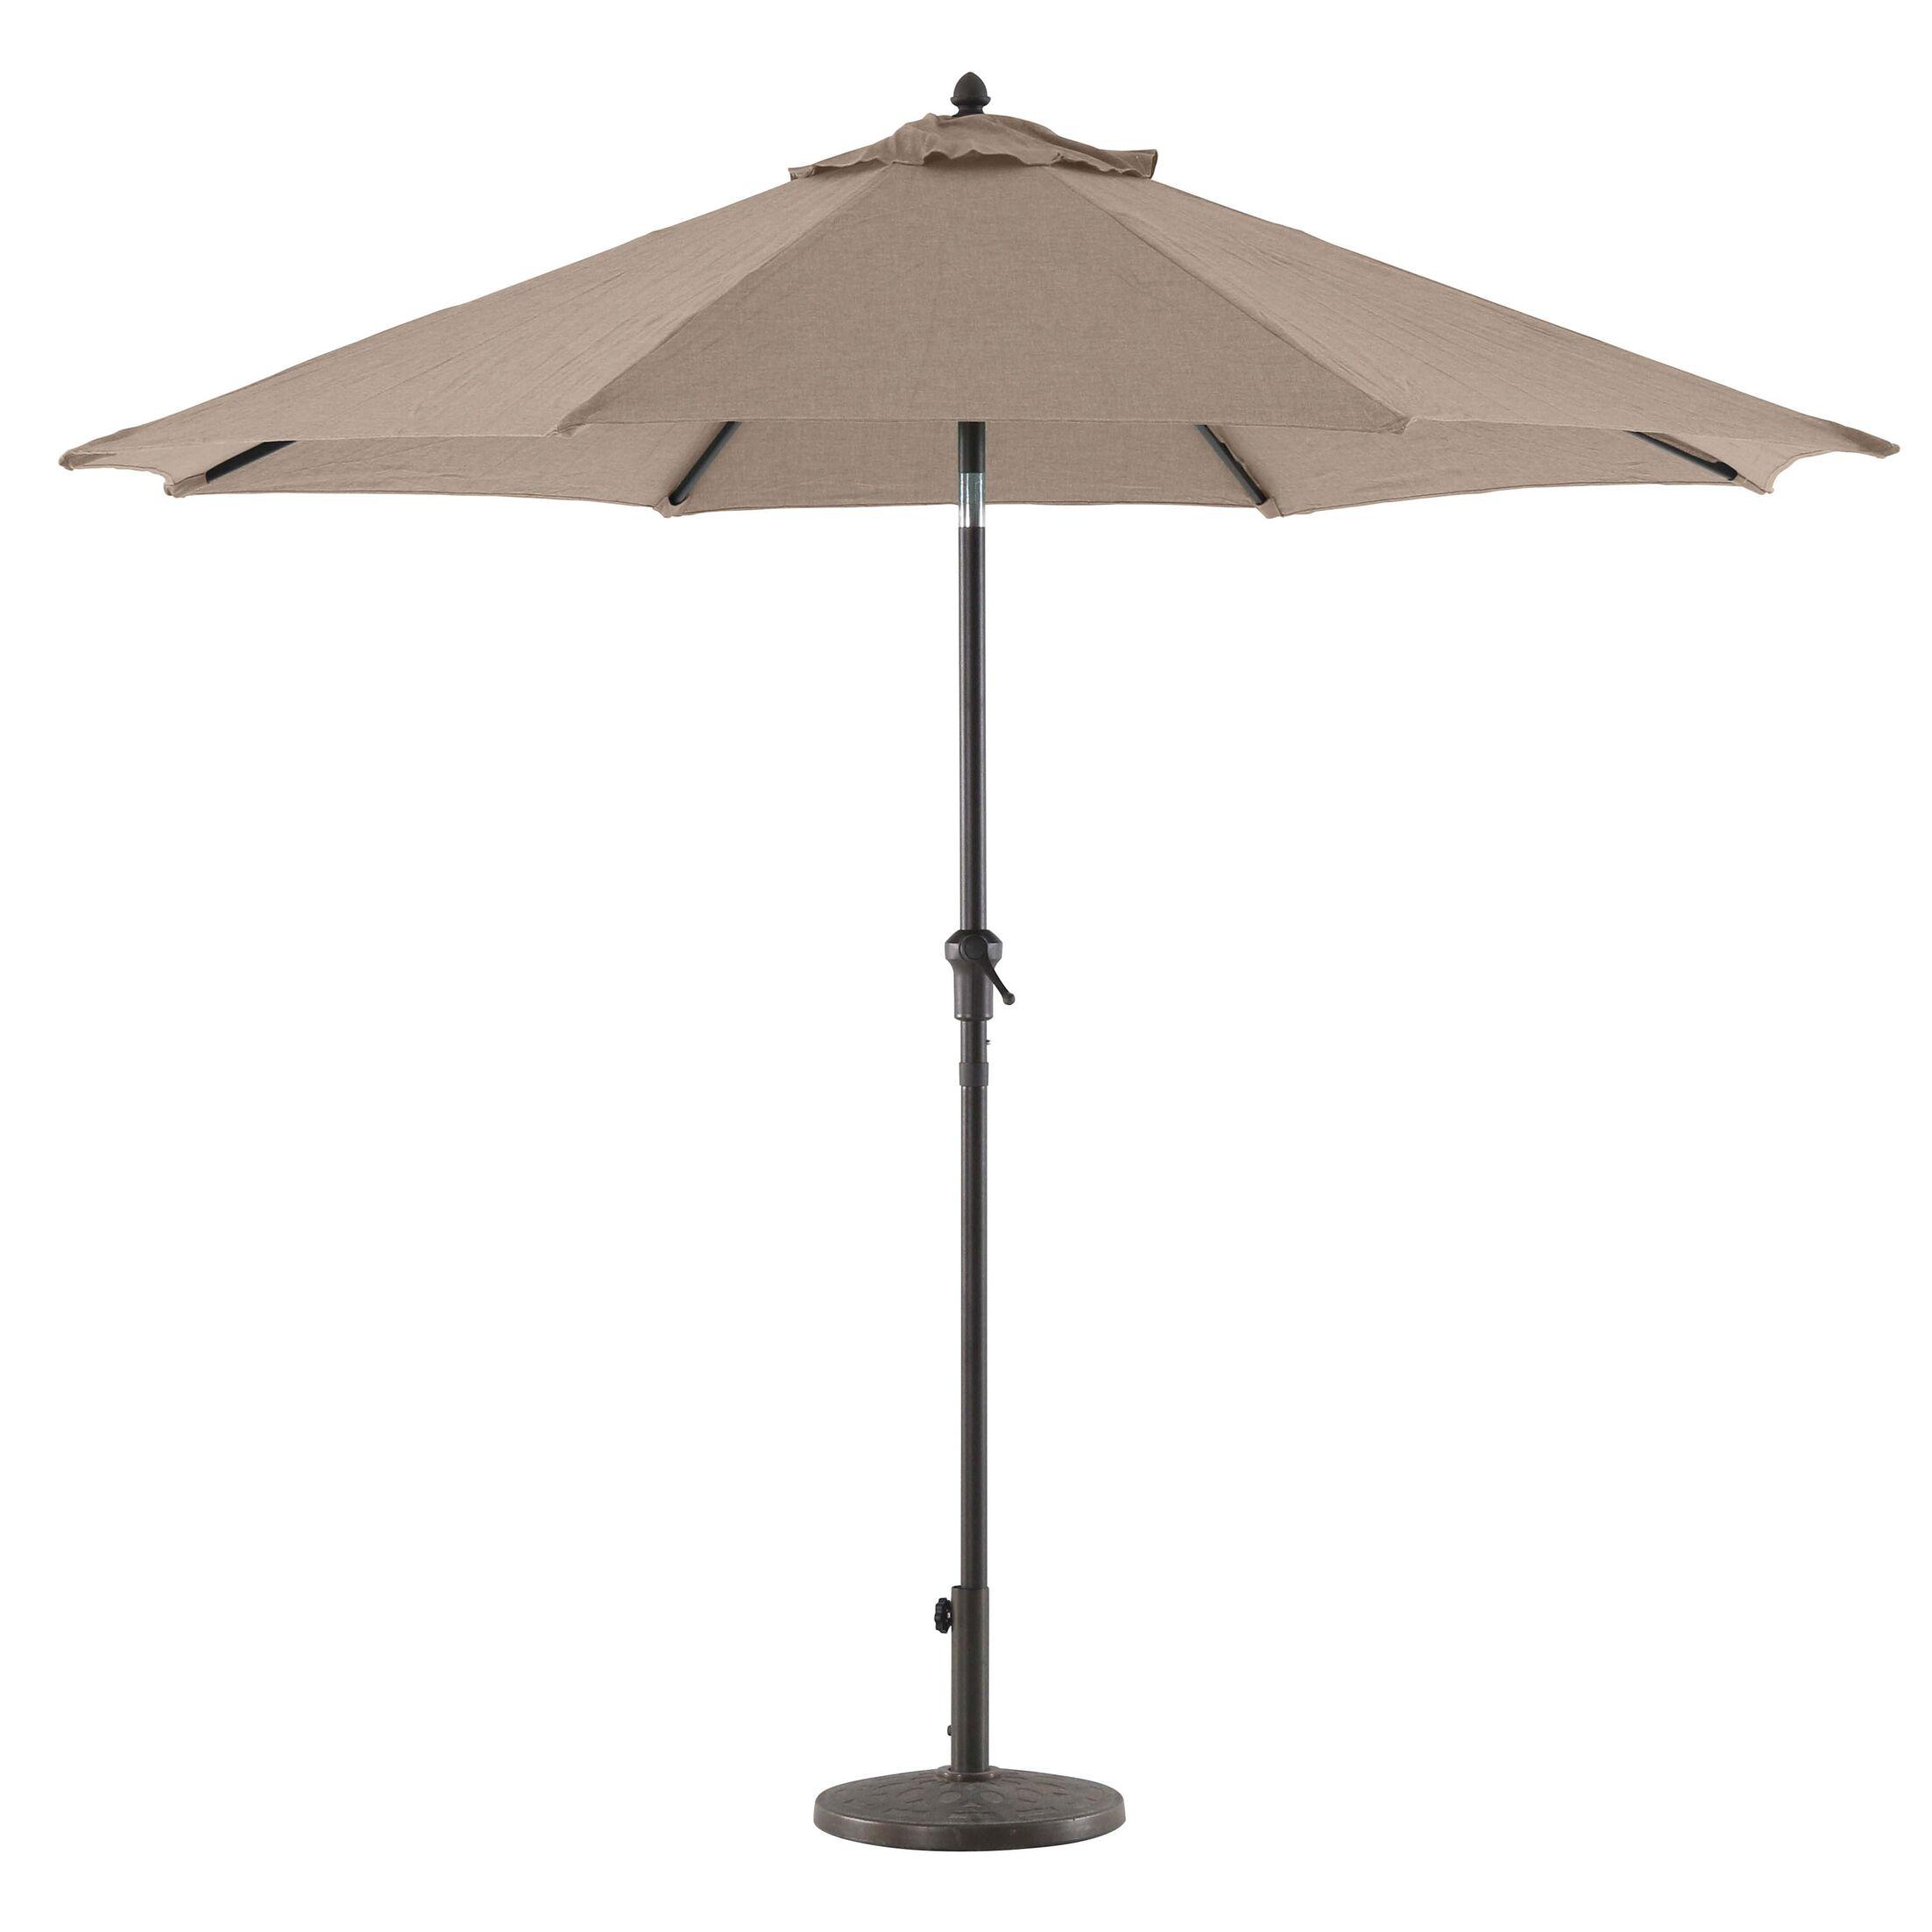 Higgins 9' Market Umbrella Fabric Color: Tan